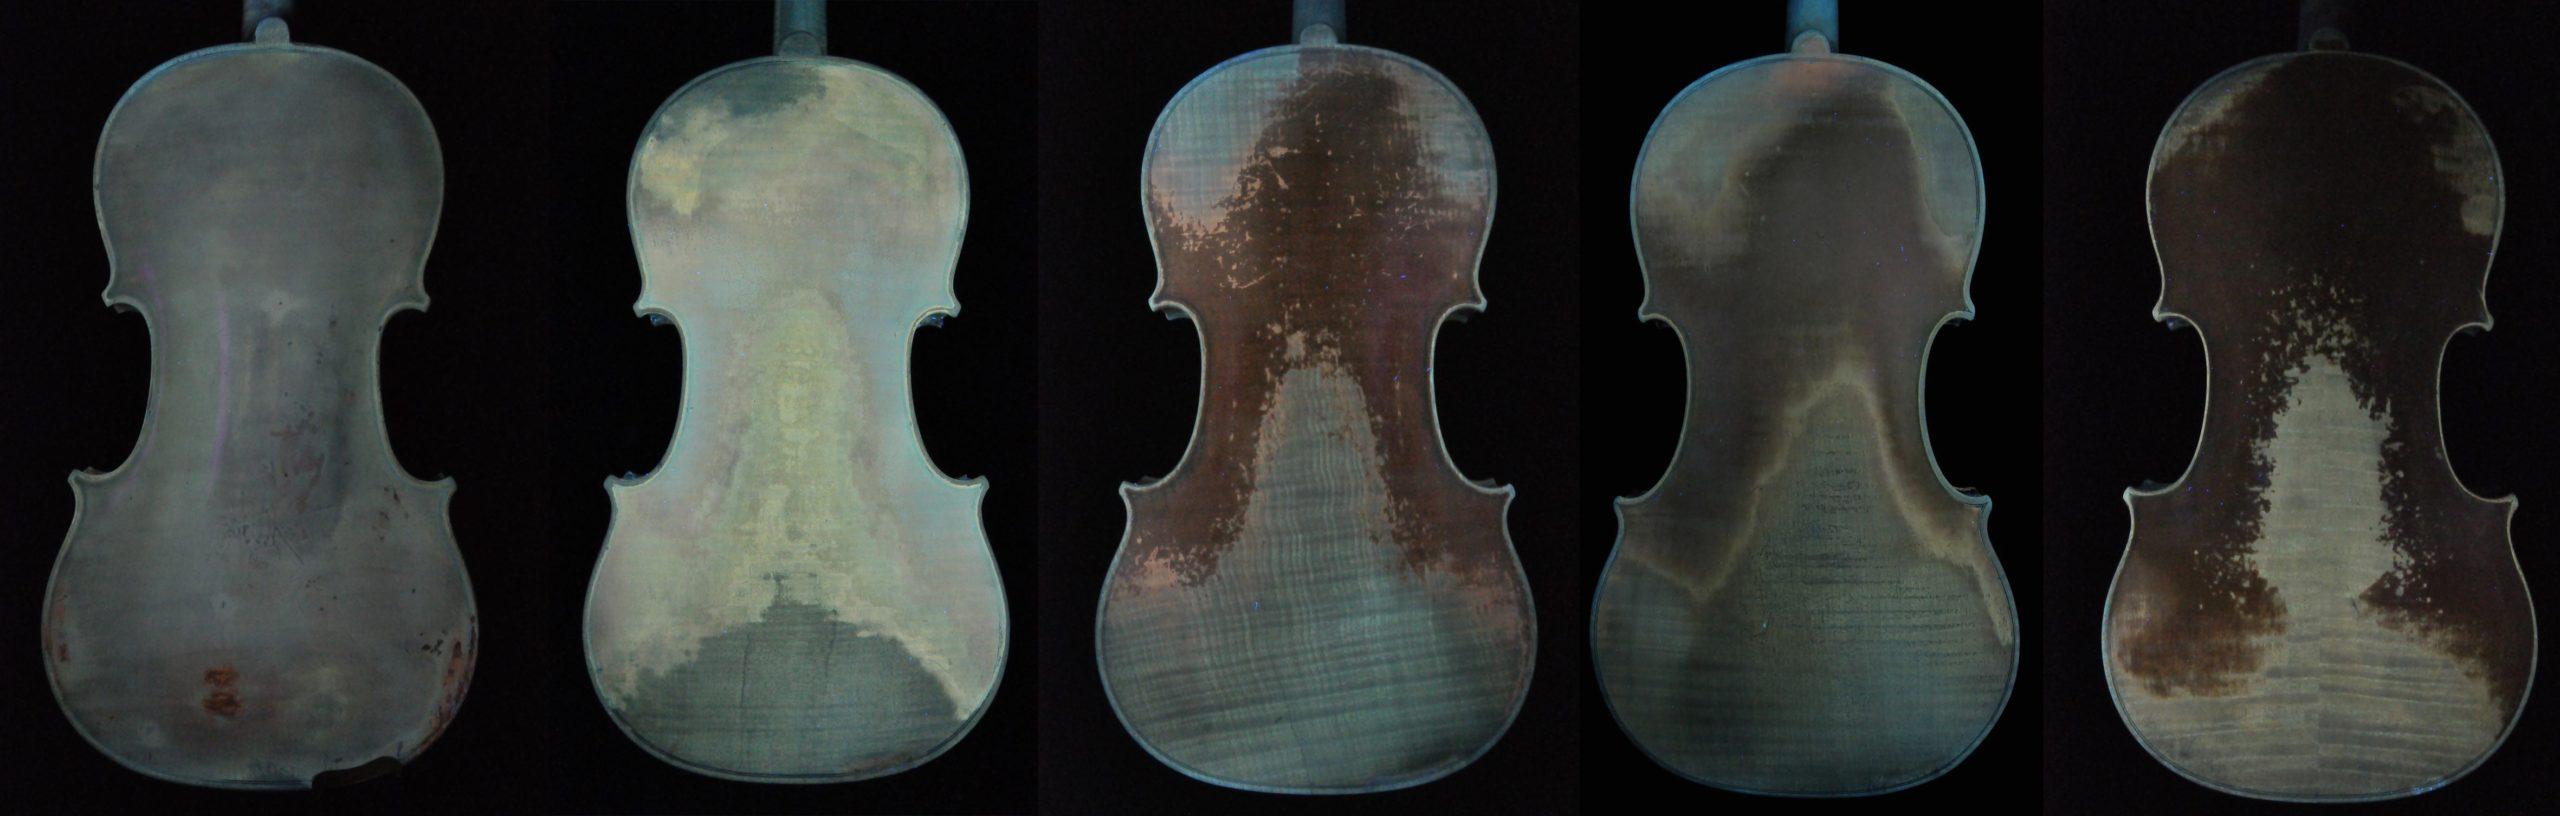 Violons de Jean-Baptiste VUILLAUME